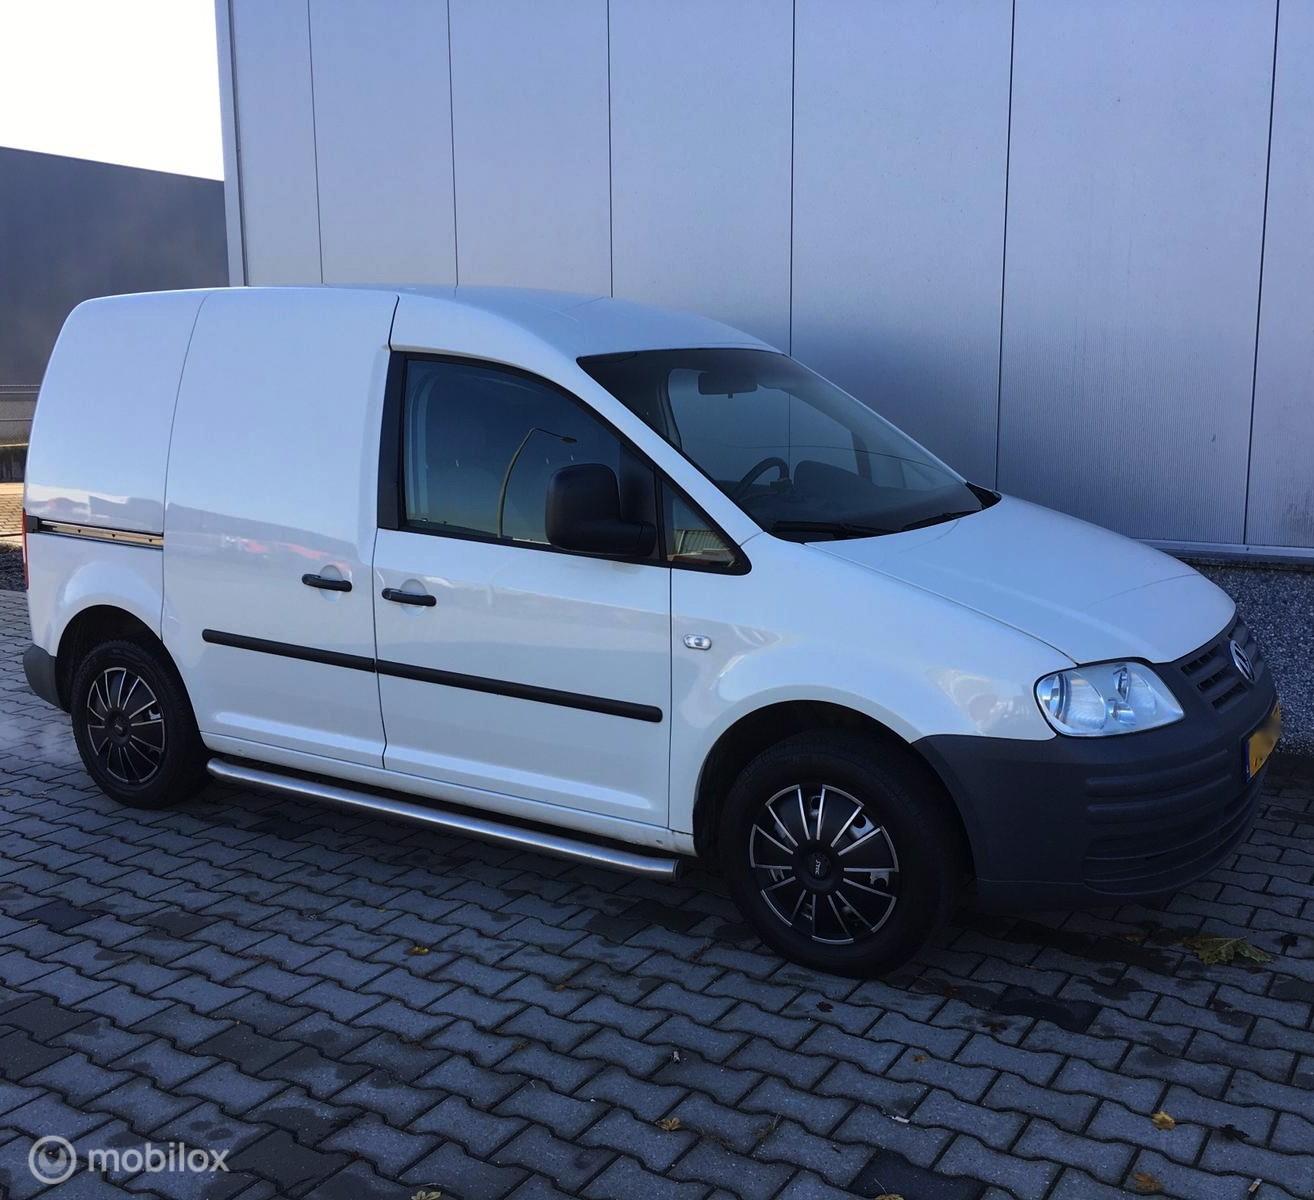 Volkswagen Caddy 2.0SDI AIRCO € 2450,- EX BTW